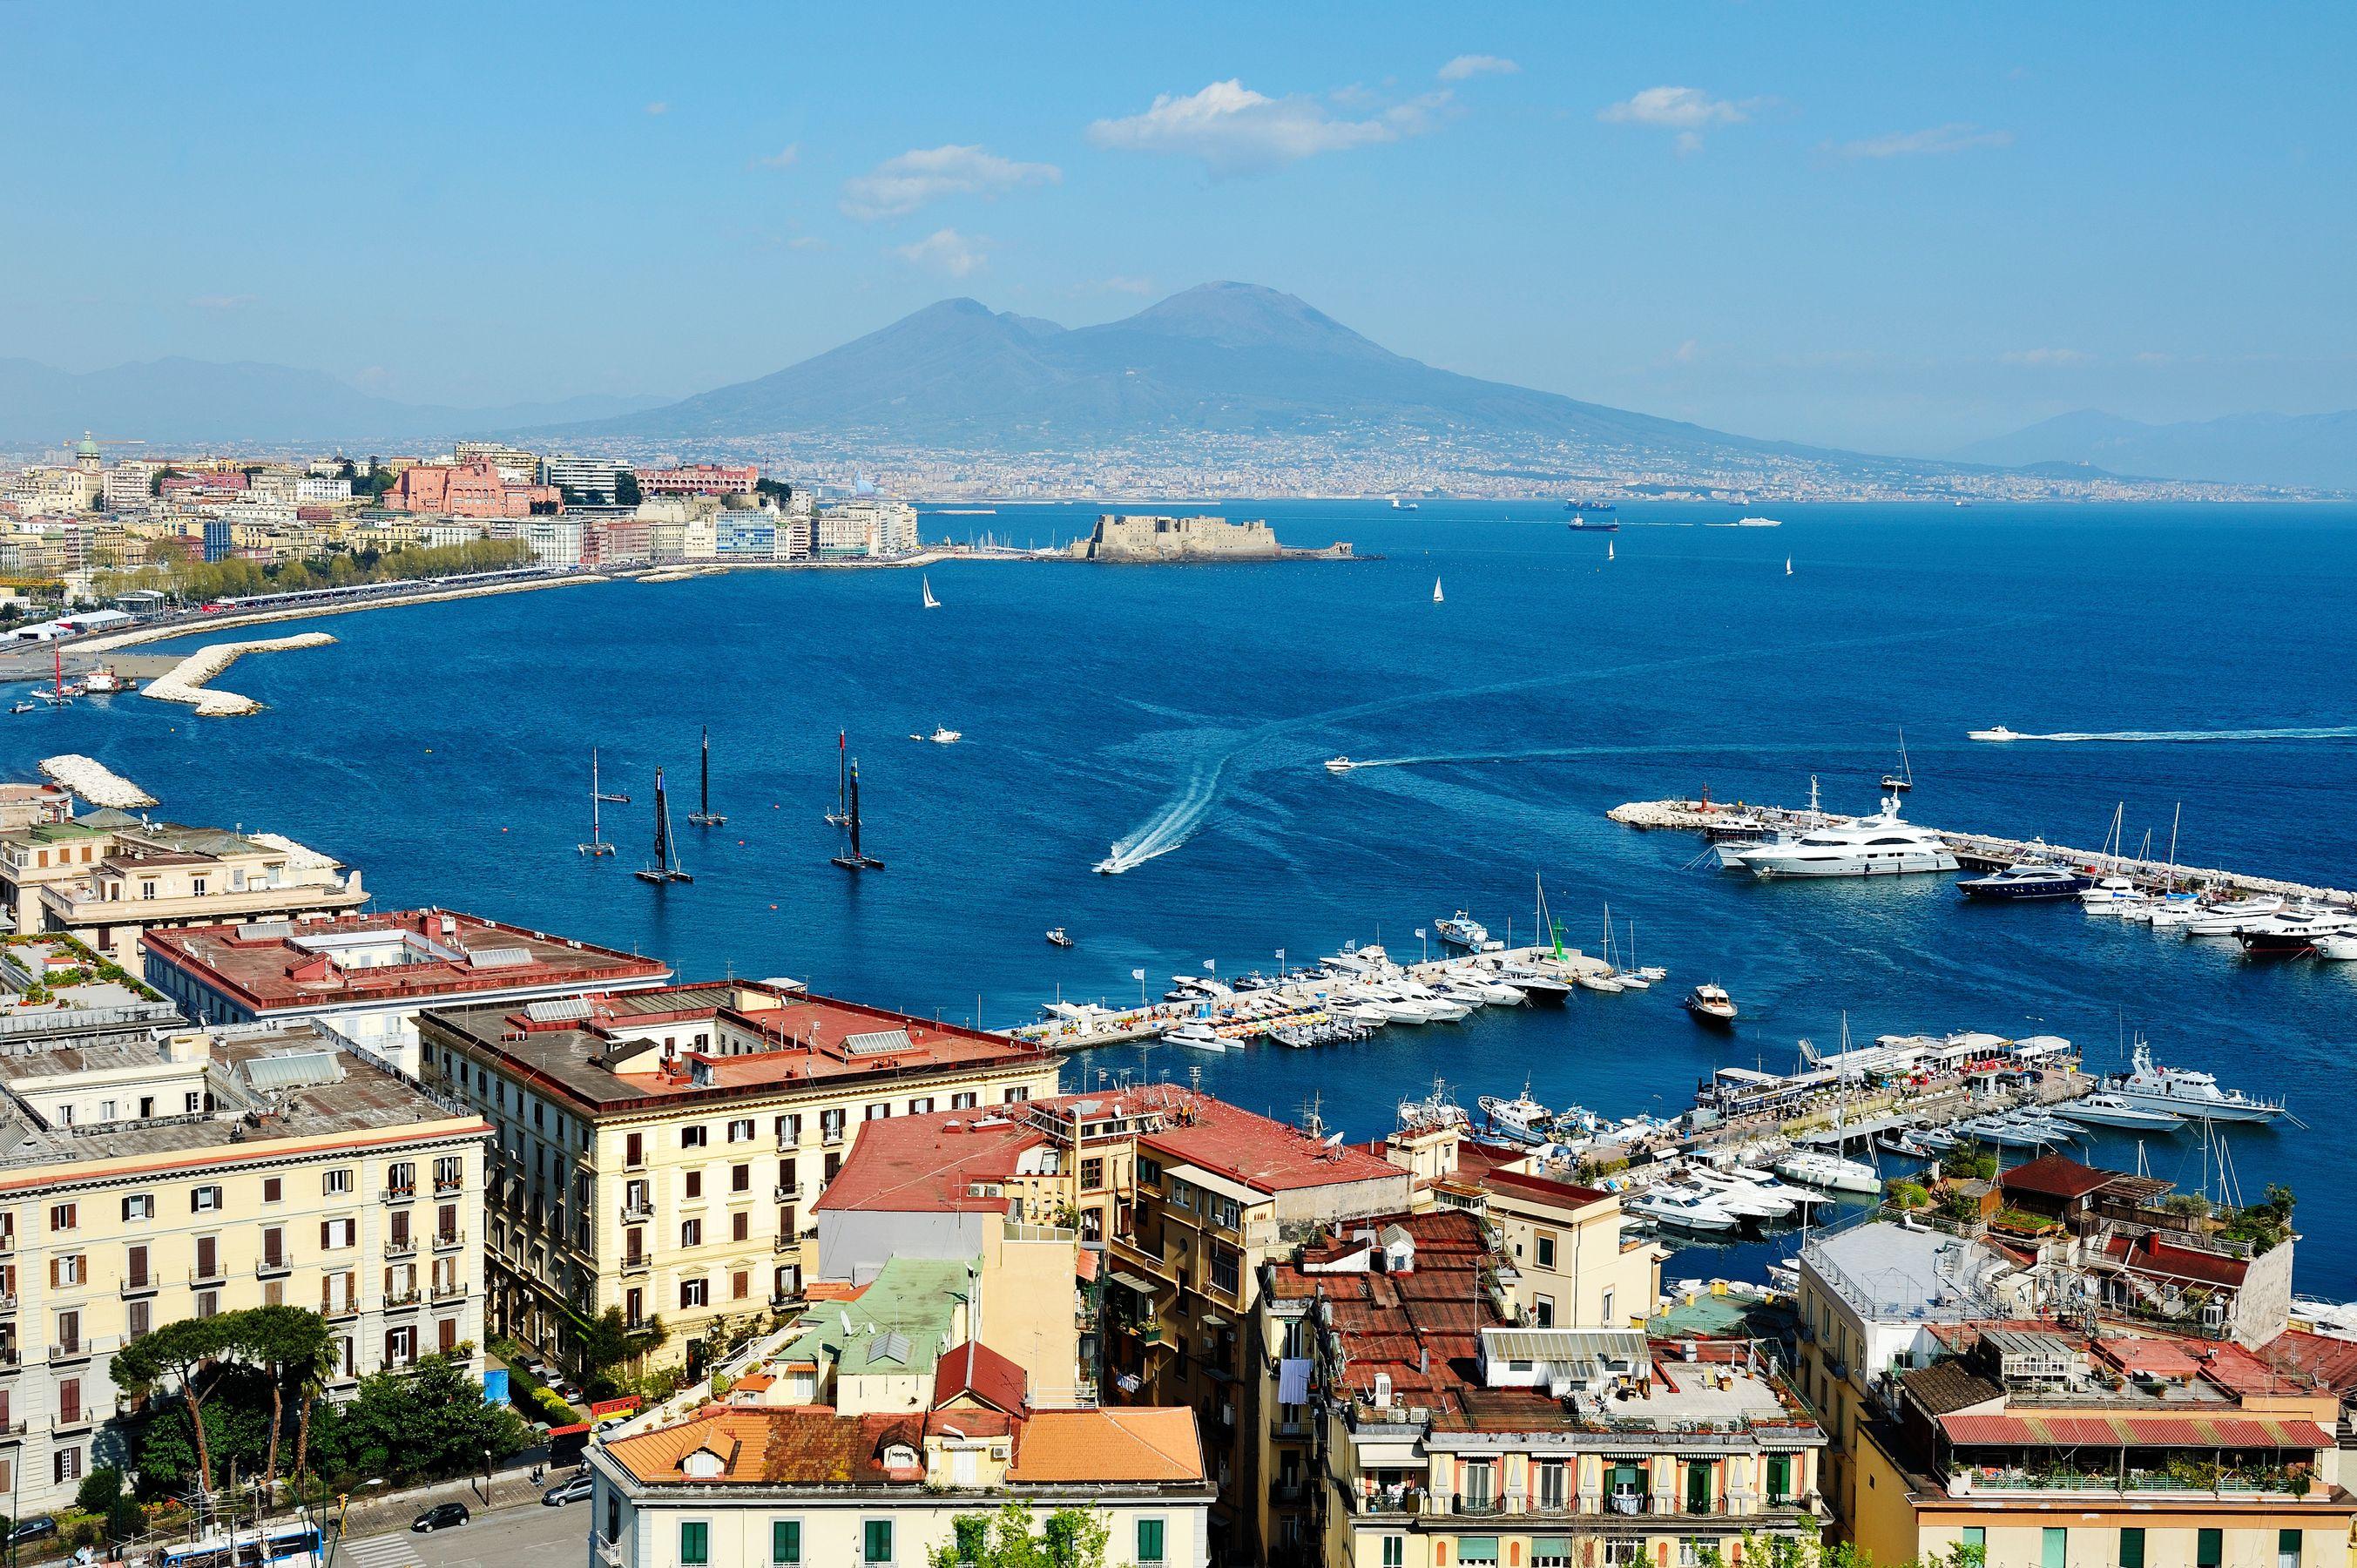 Το λιμάνι της Νάπολης